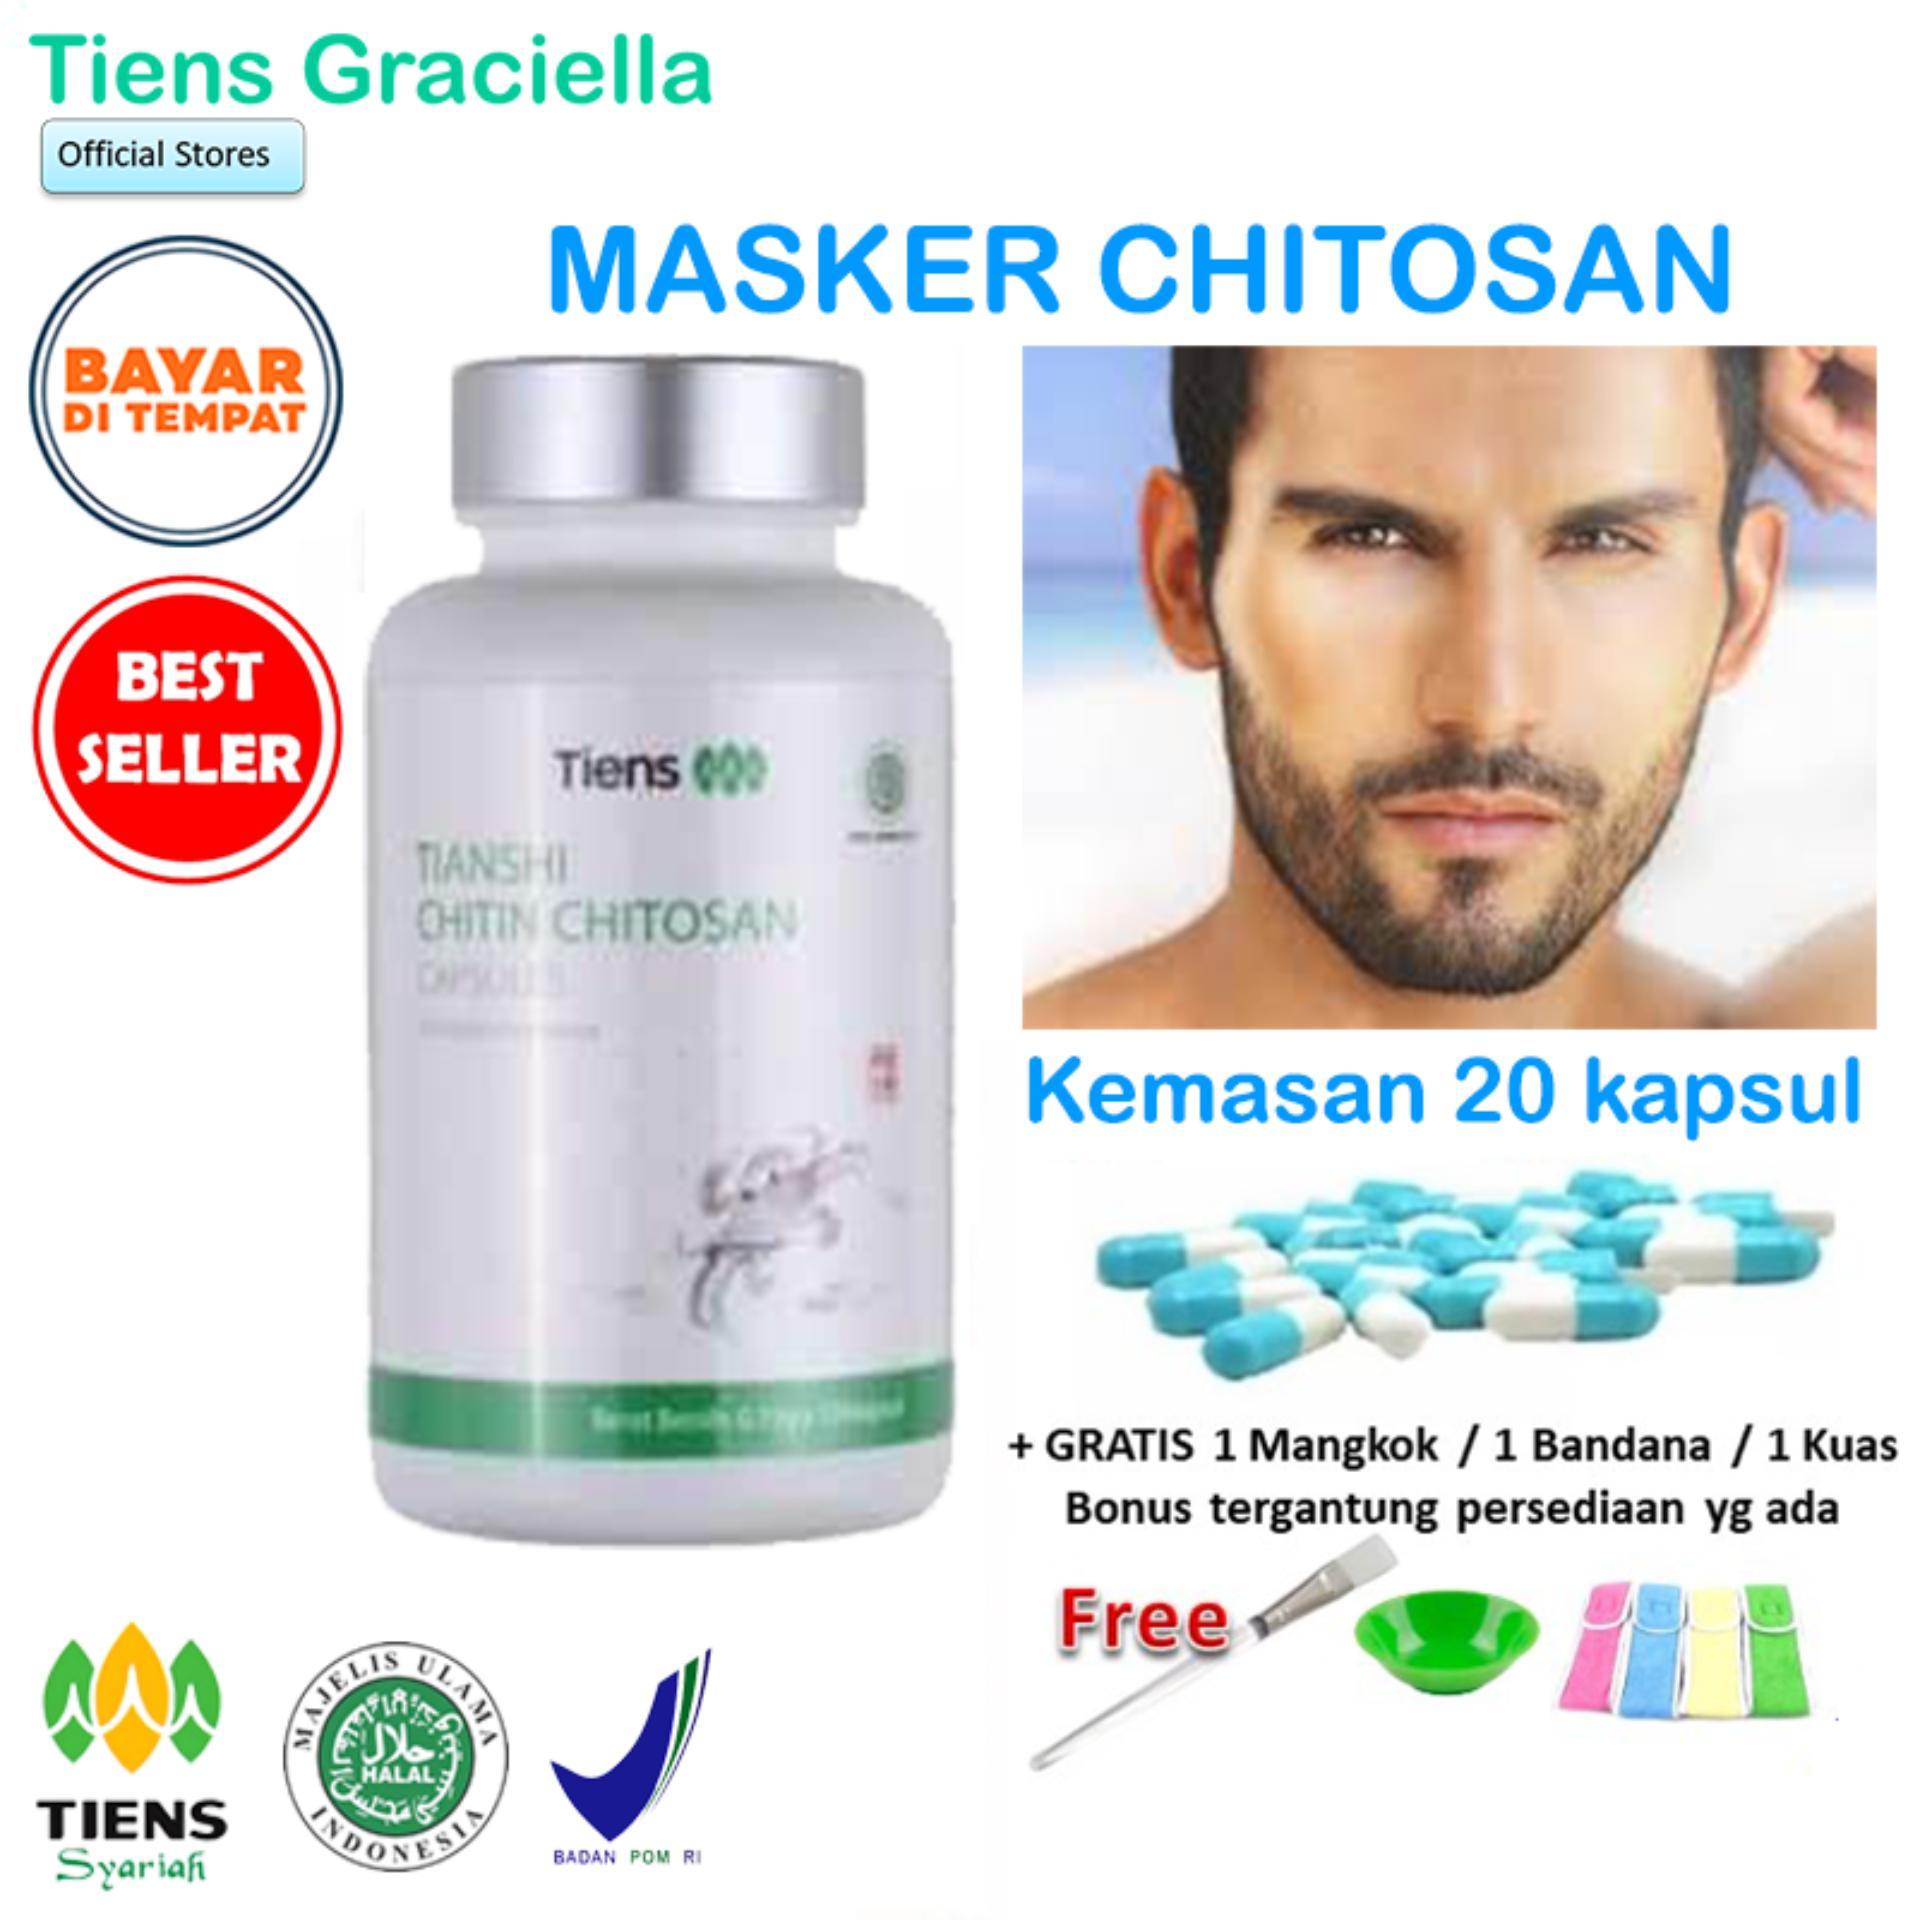 Tiens Chitosan Masker Jaman Now untuk Cowok Ganteng Jerawatan - Paket Promo Banting Harga 20 Kapsul